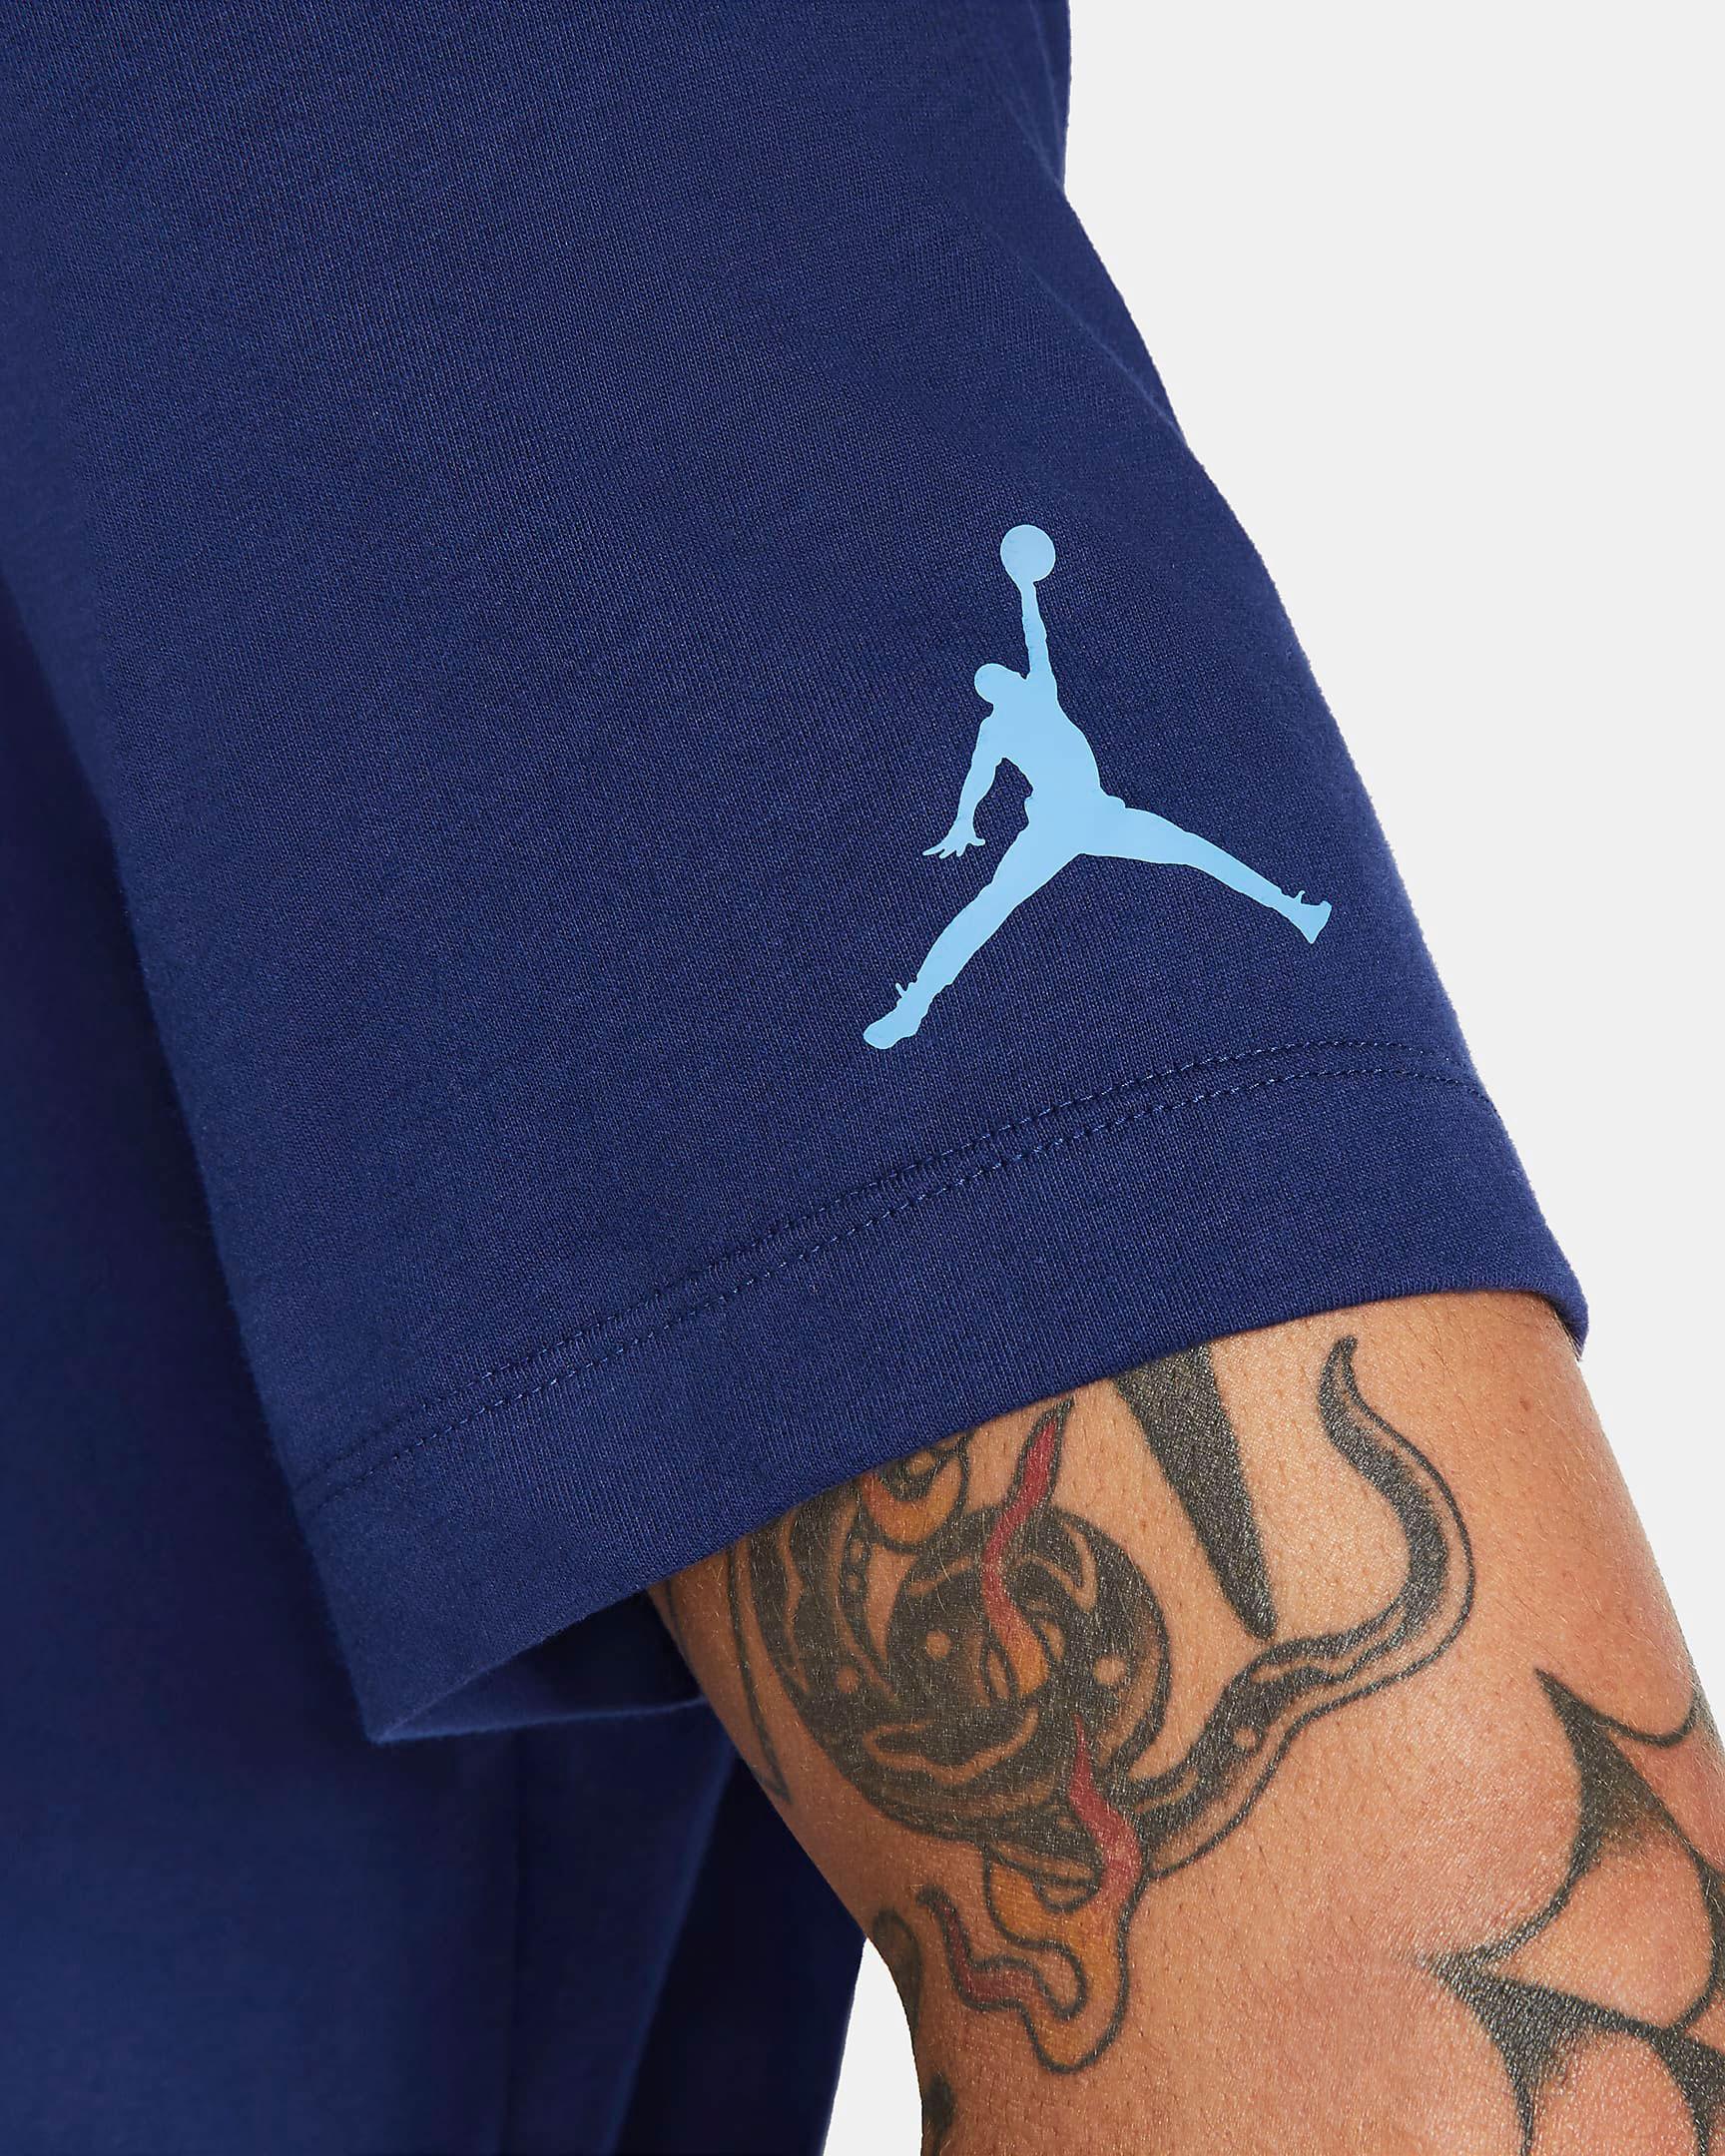 jordan-jumpman-air-shirt-navy-university-blue-3